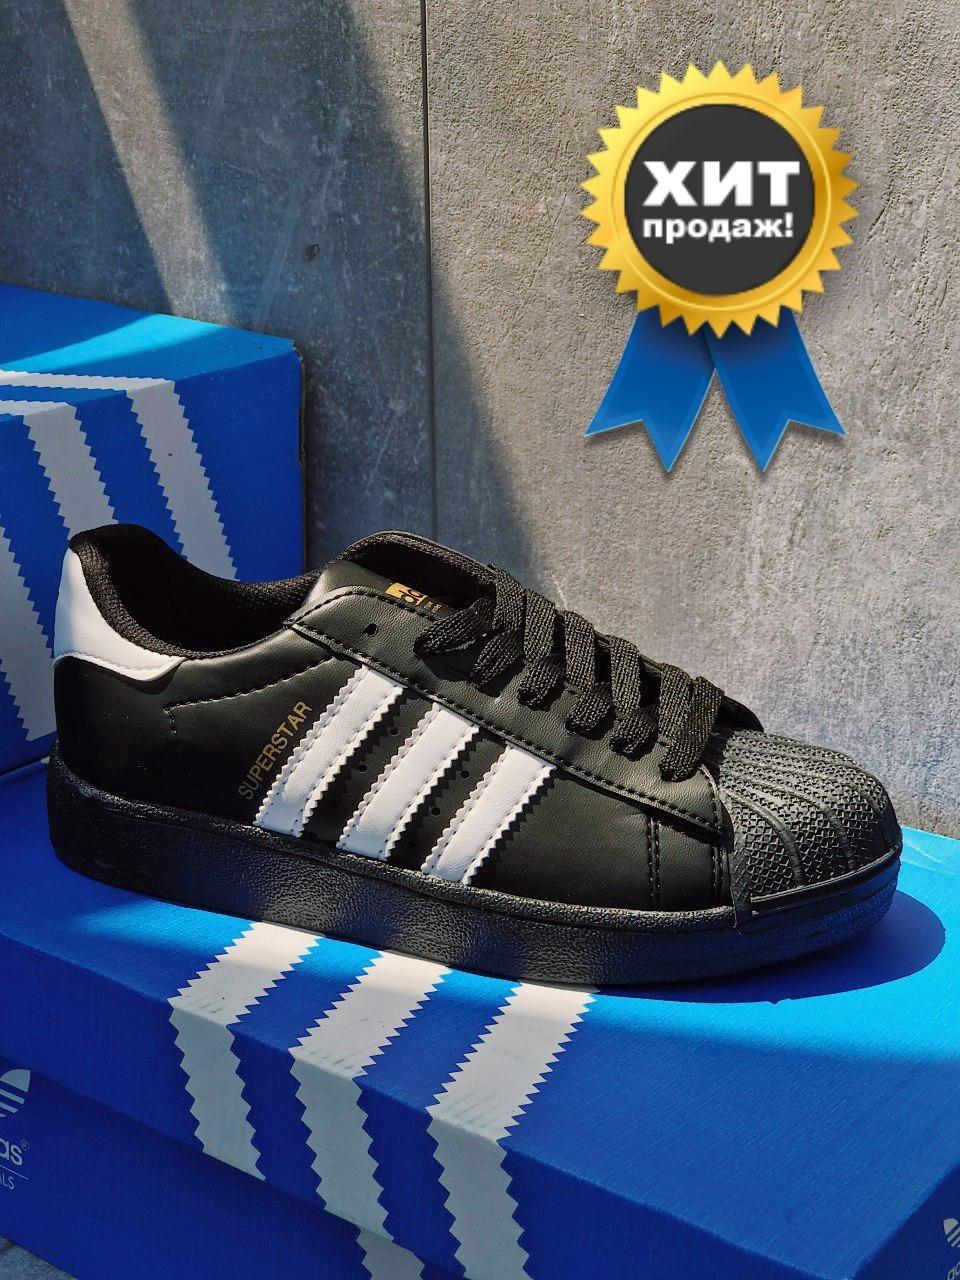 Мужские кроссовки ADIDAS SUPERSTAR мужская обувь кроссовки адидас суперстар черные